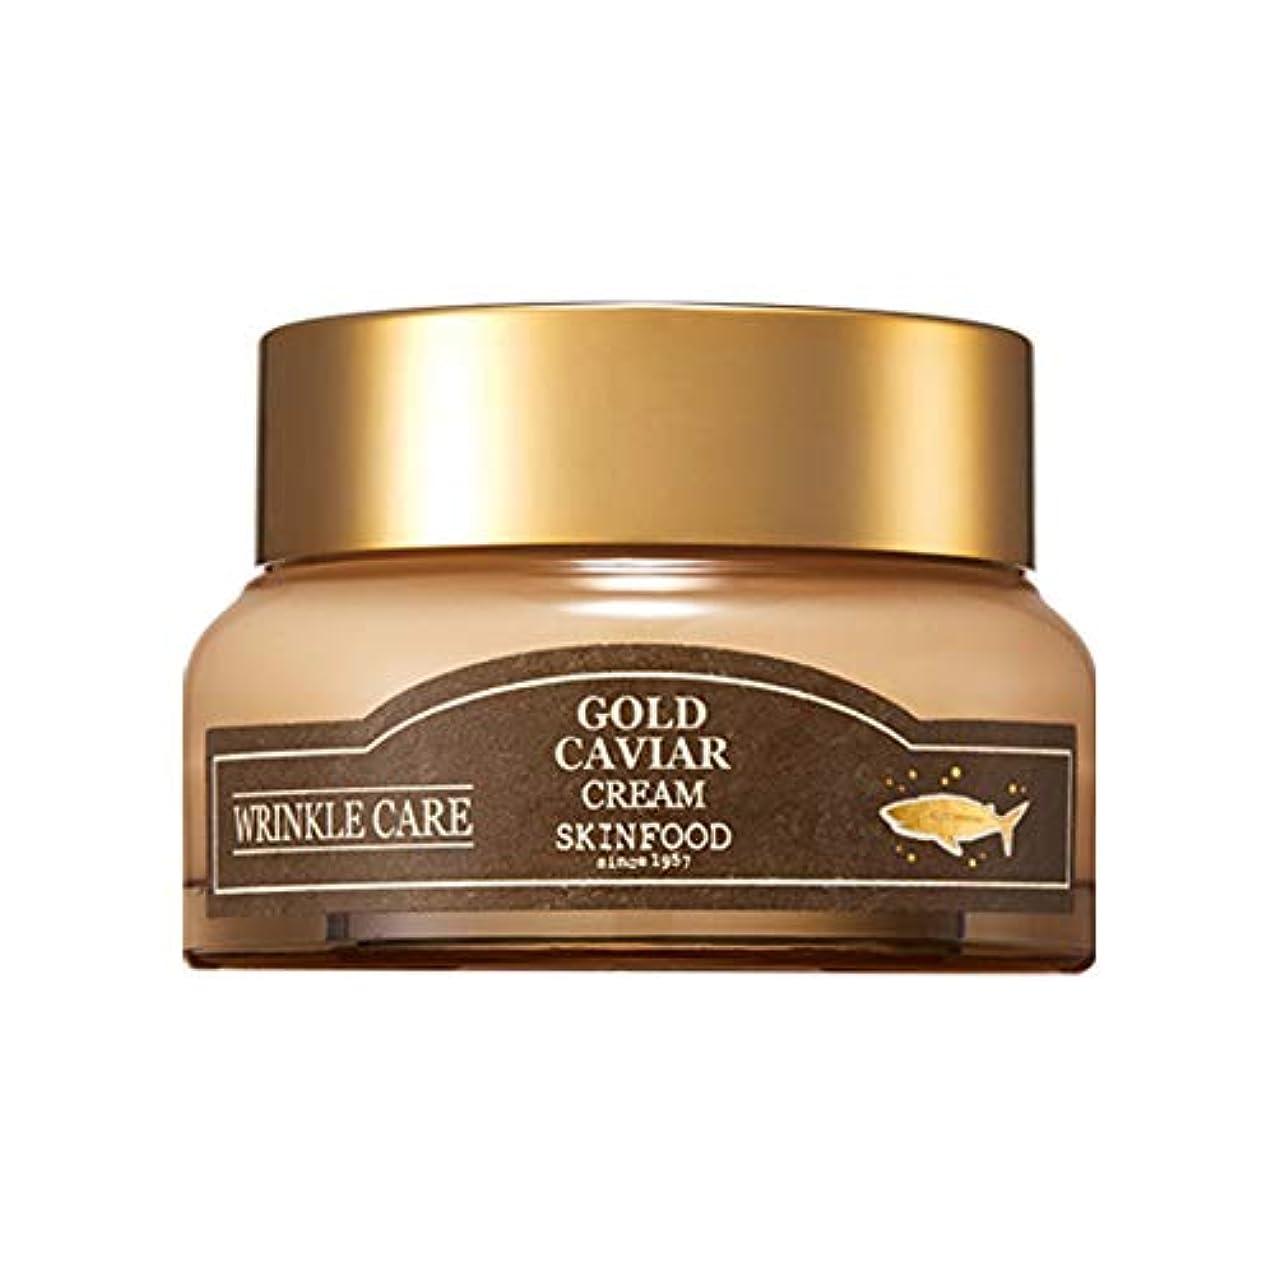 平和的荒野臨検Skinfood ゴールドキャビアクリーム[しわケア用化粧品] / Gold Caviar Cream [Cosmeceutical for wrinkle care] 54ml [並行輸入品]